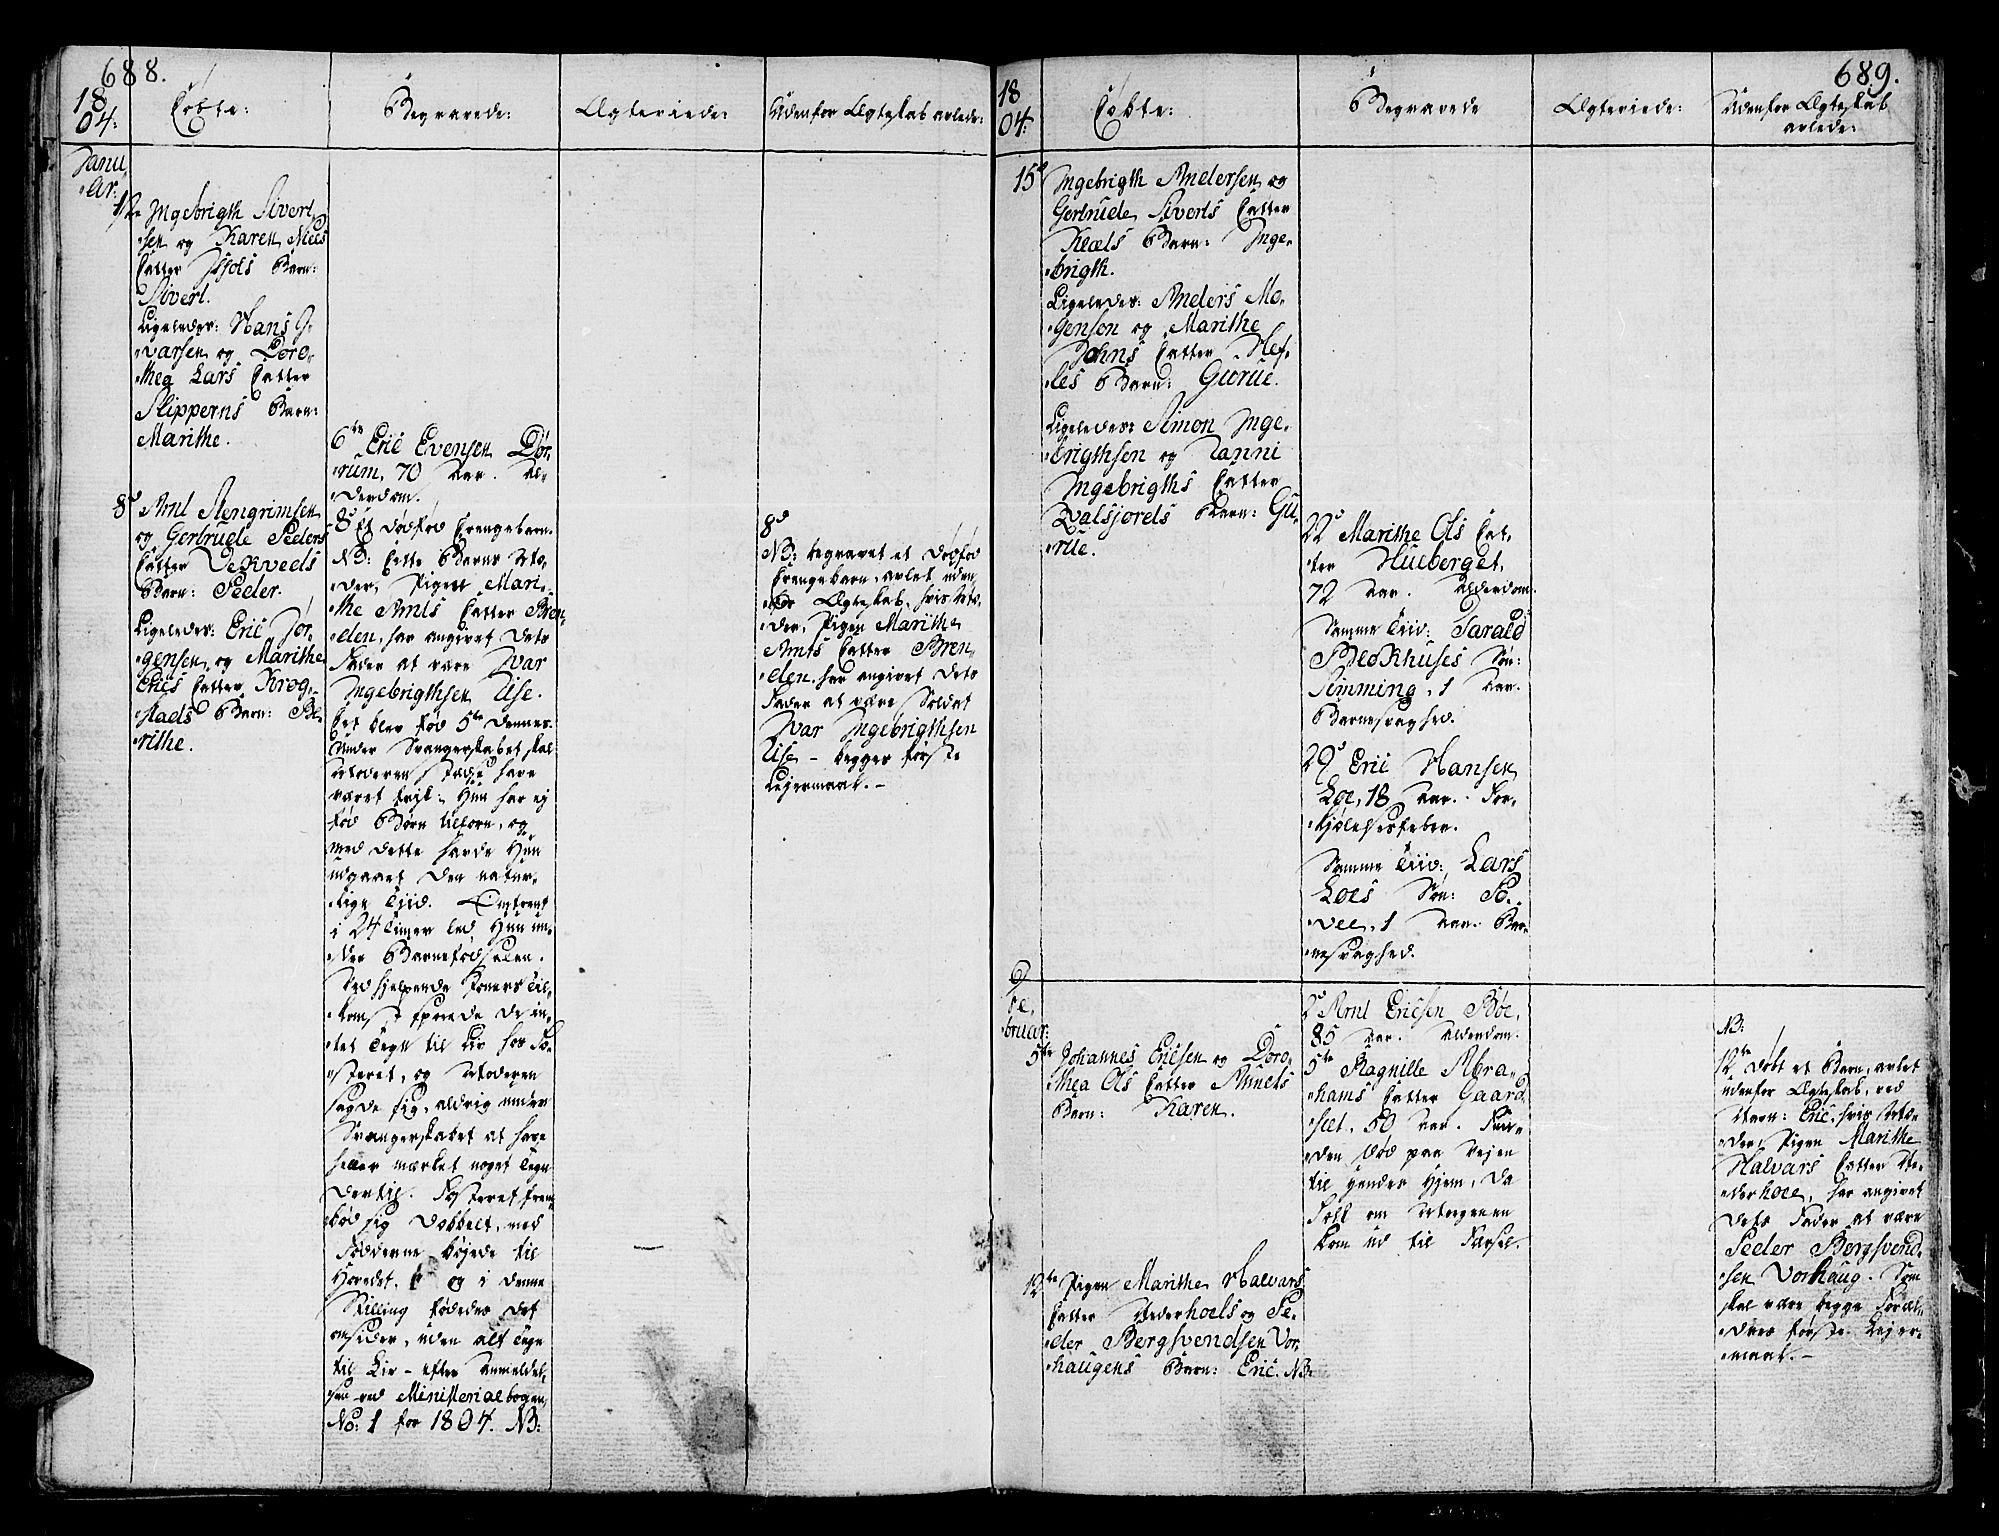 SAT, Ministerialprotokoller, klokkerbøker og fødselsregistre - Sør-Trøndelag, 678/L0893: Ministerialbok nr. 678A03, 1792-1805, s. 688-689